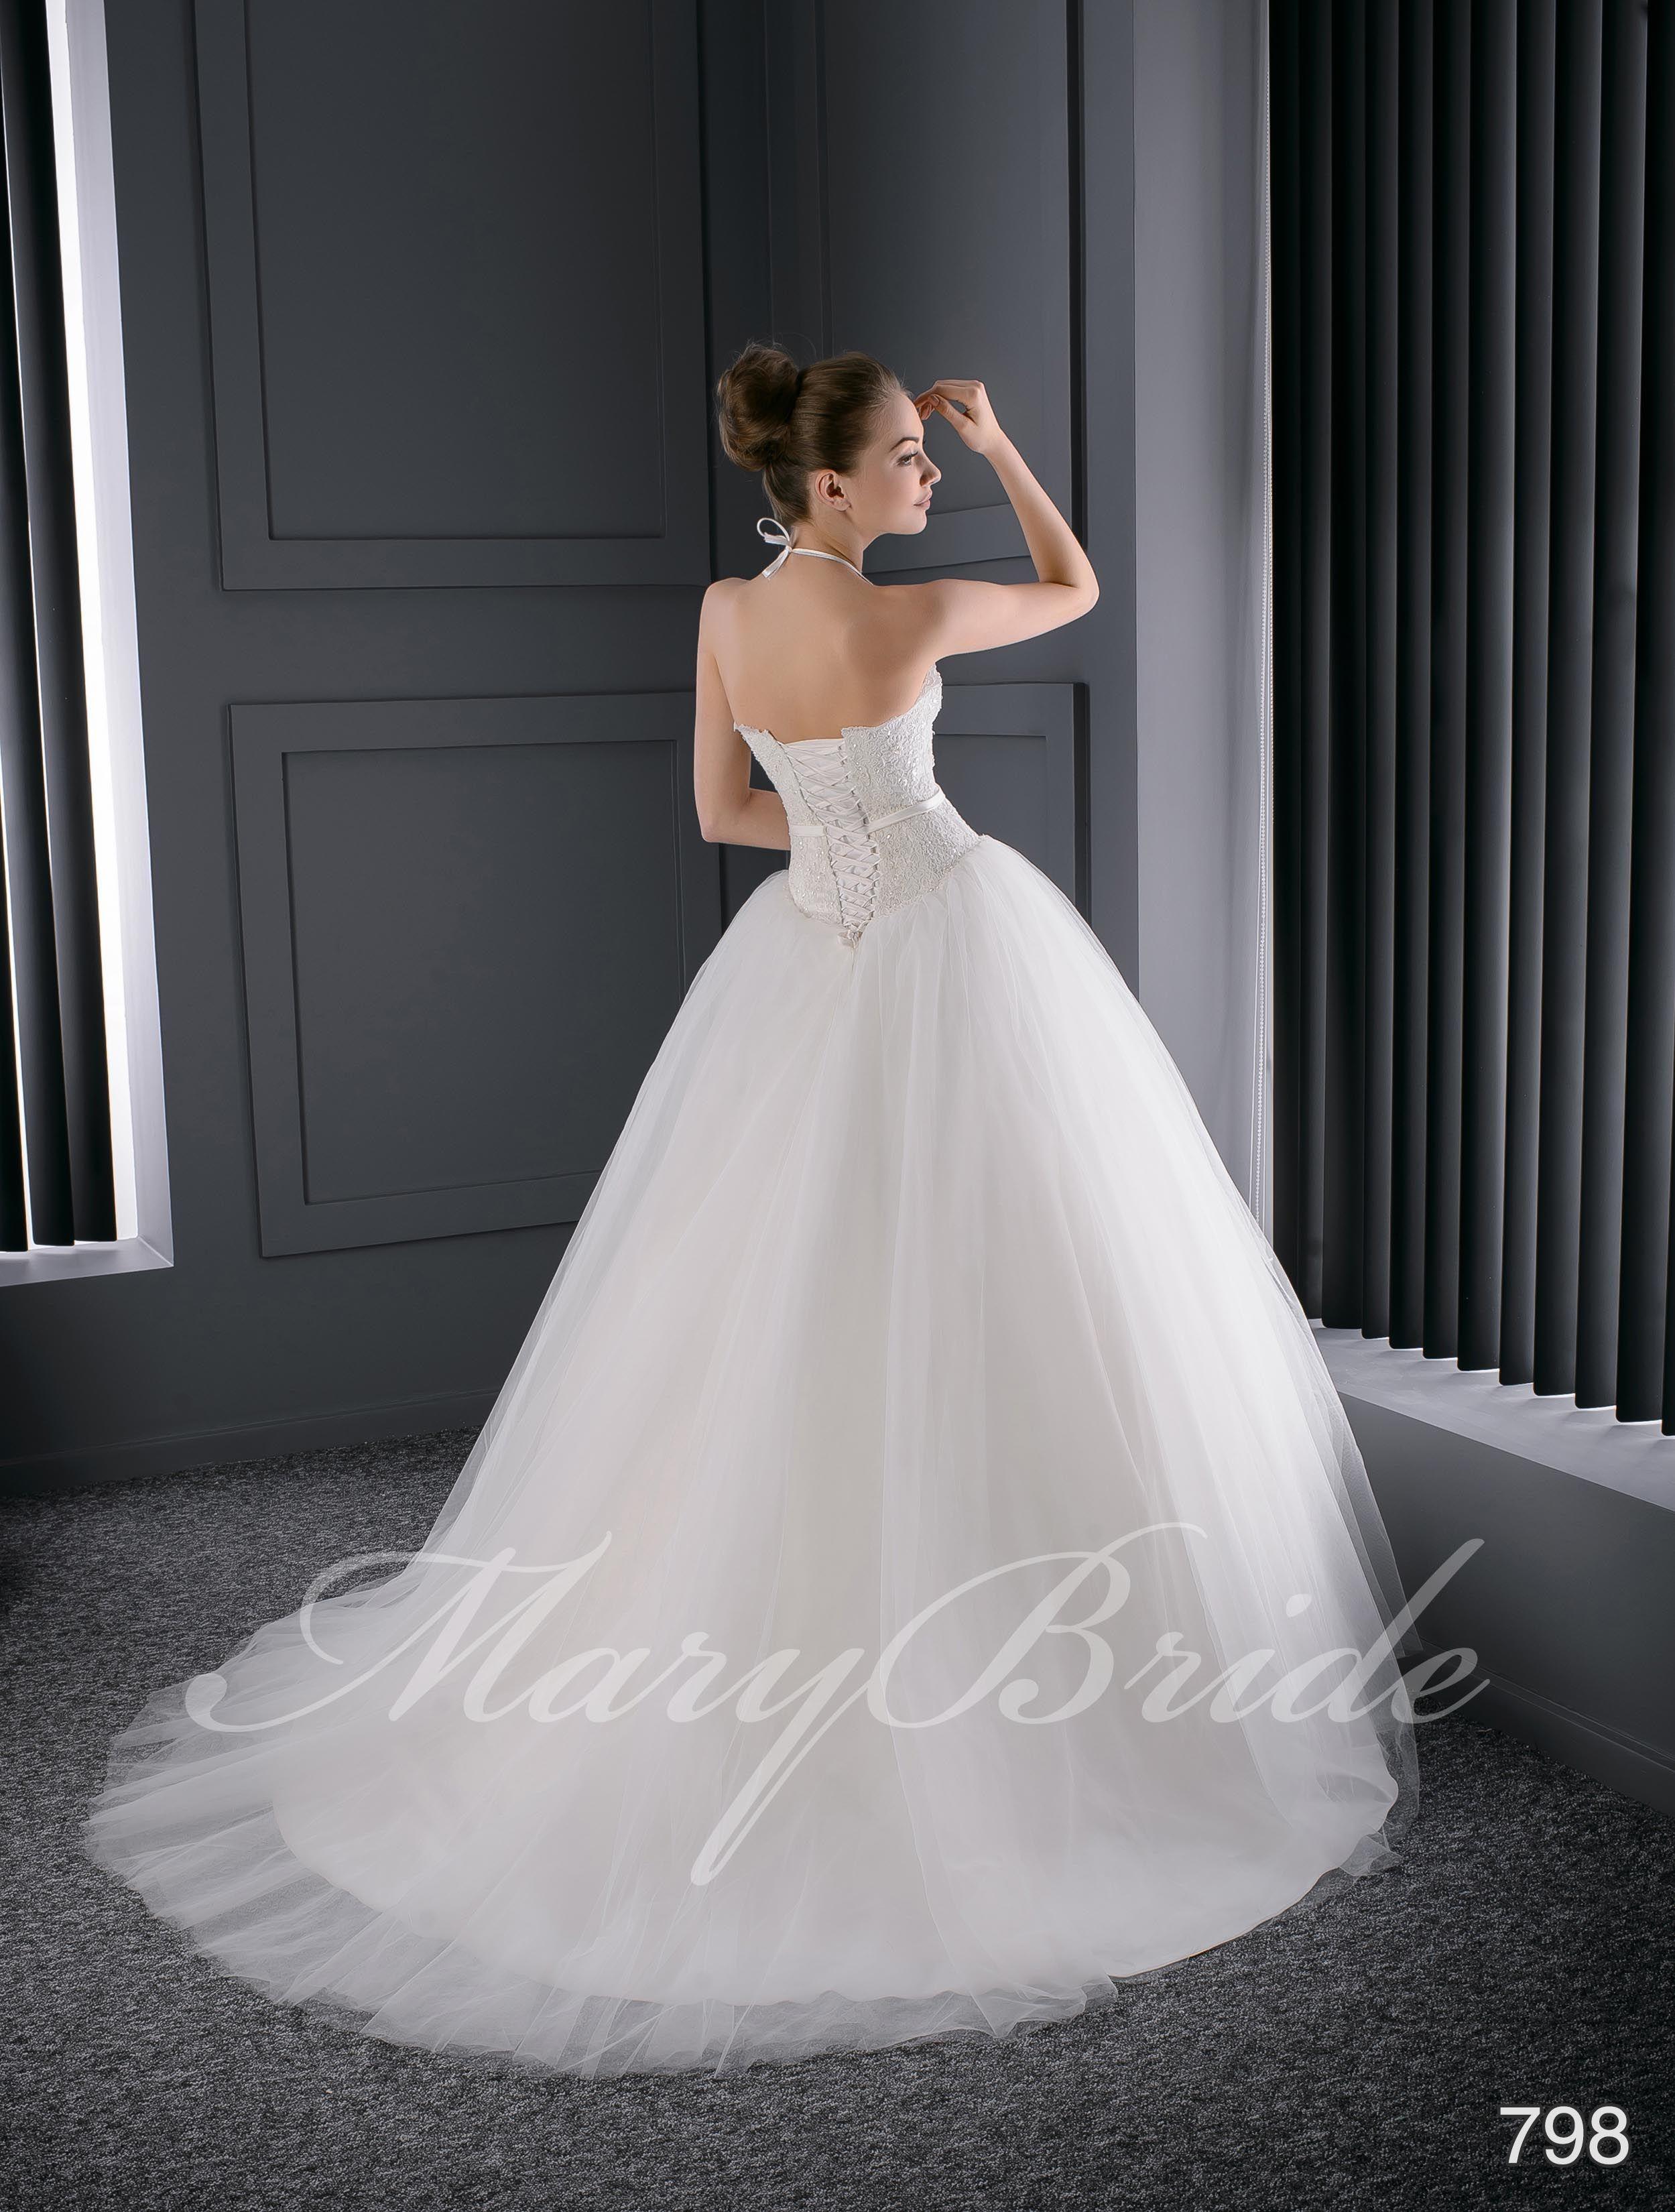 Be A Princess Pujcovna Svatebni Saty S Krajkovym Korzetem Mary Bride